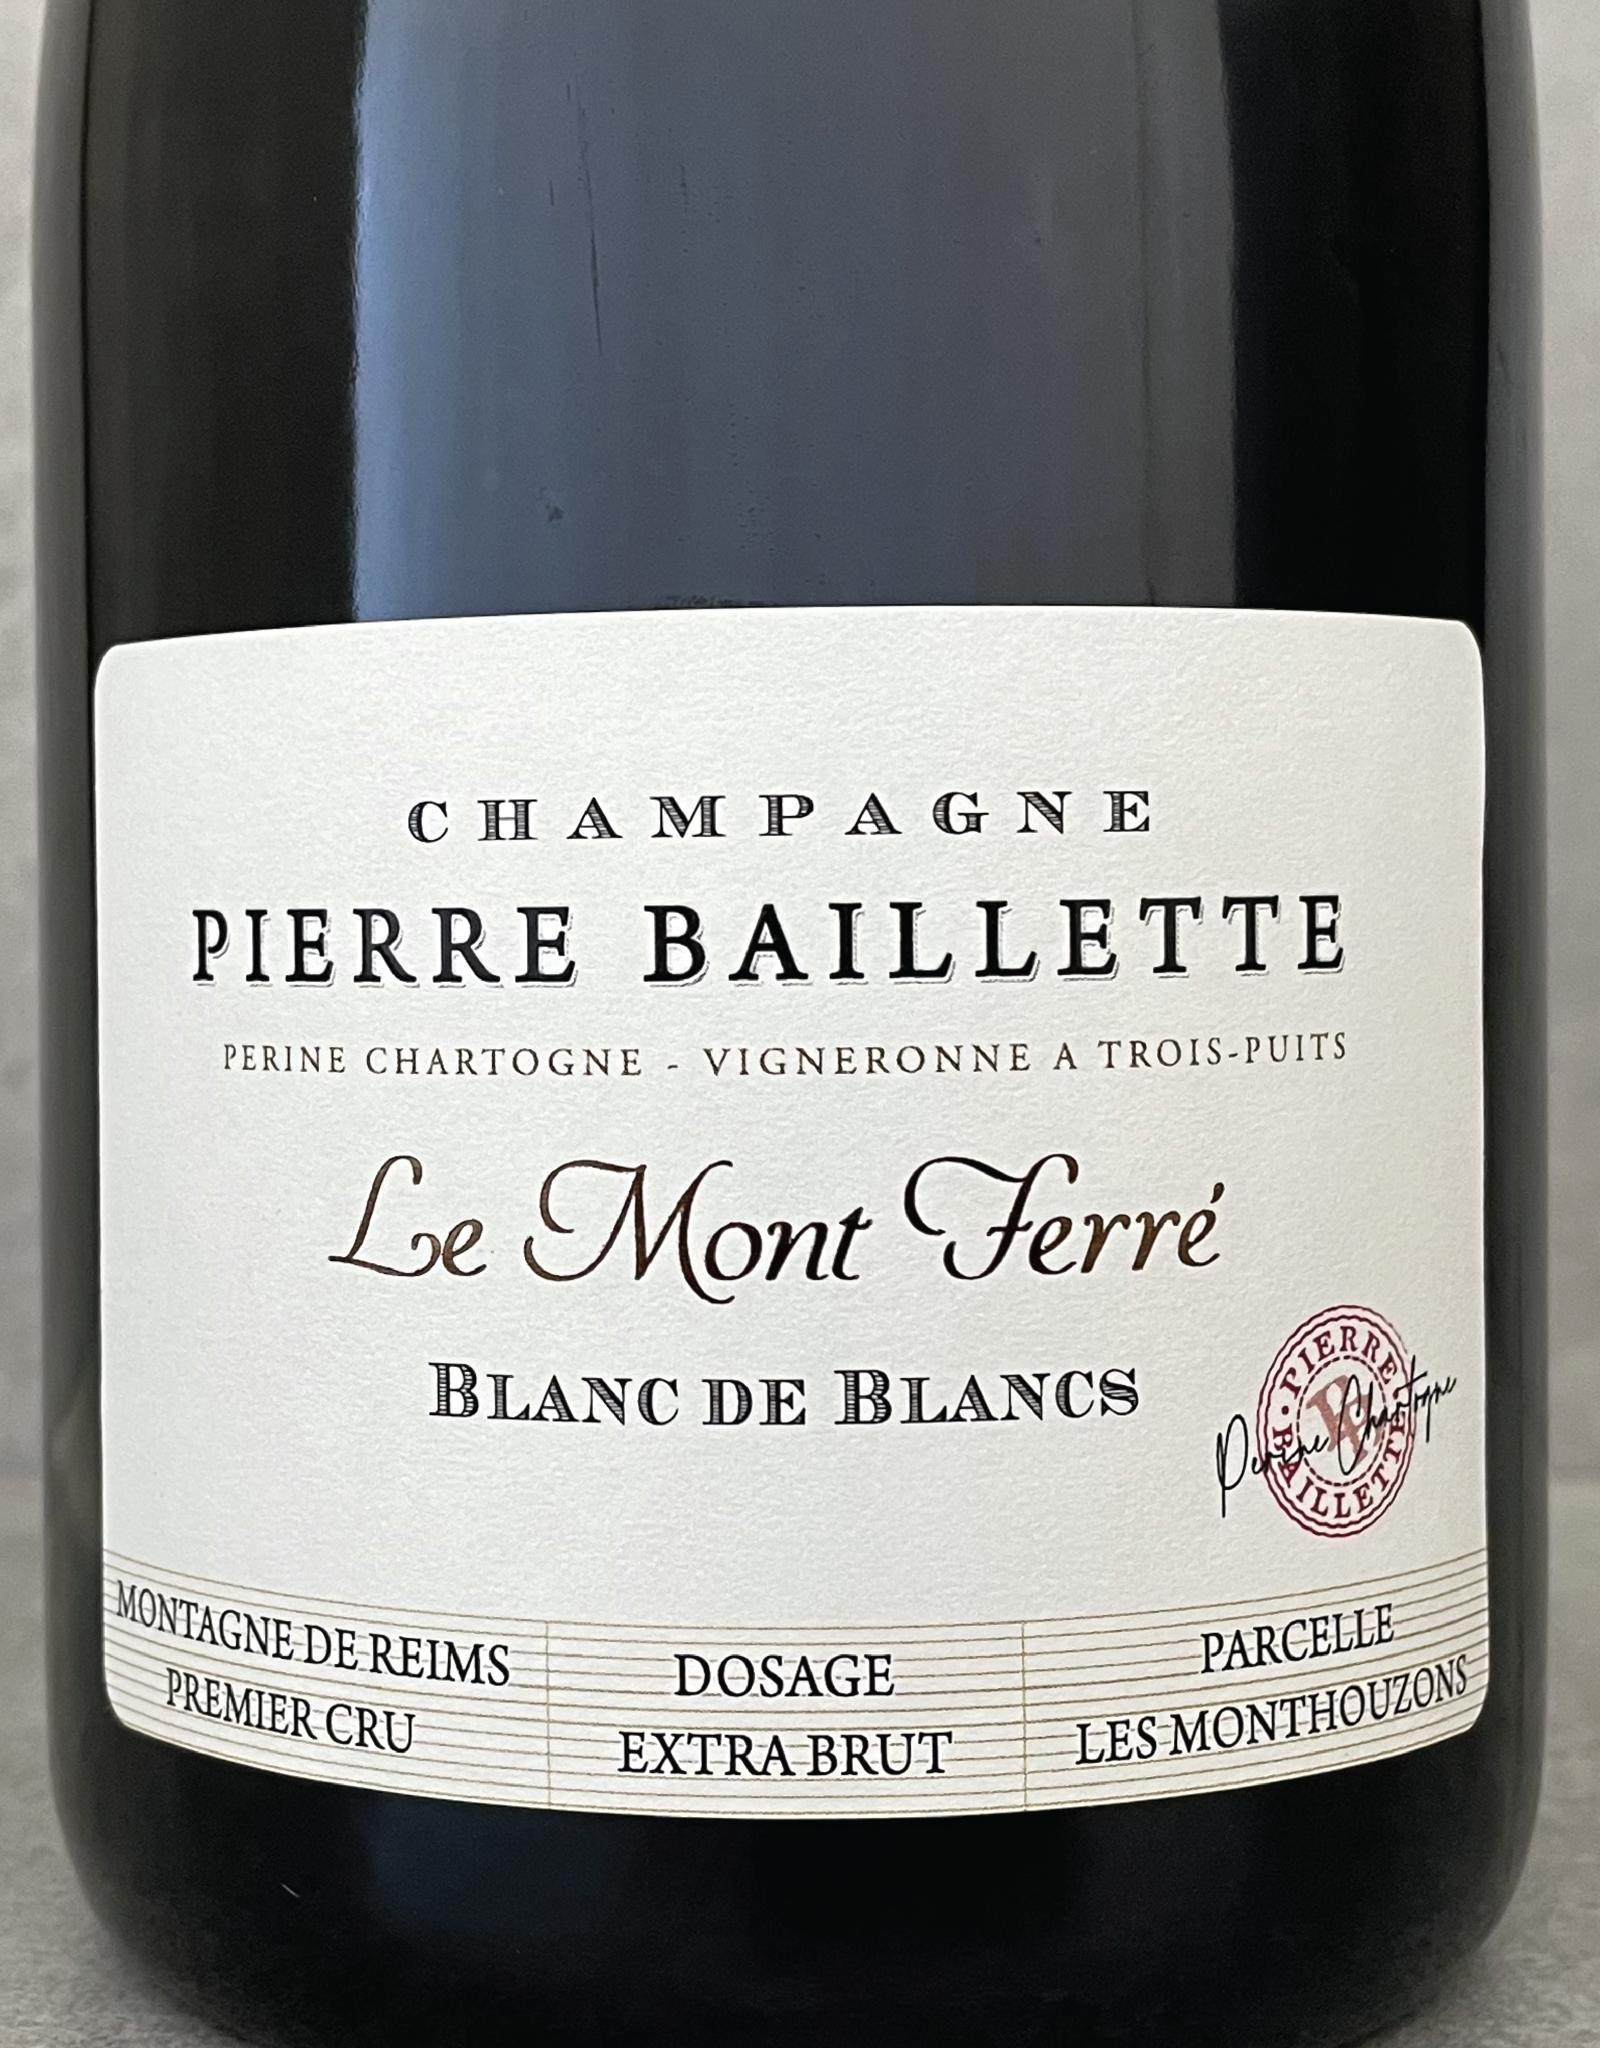 Pierre Baillette Le Mont Ferré Blanc de Blancs n.v.